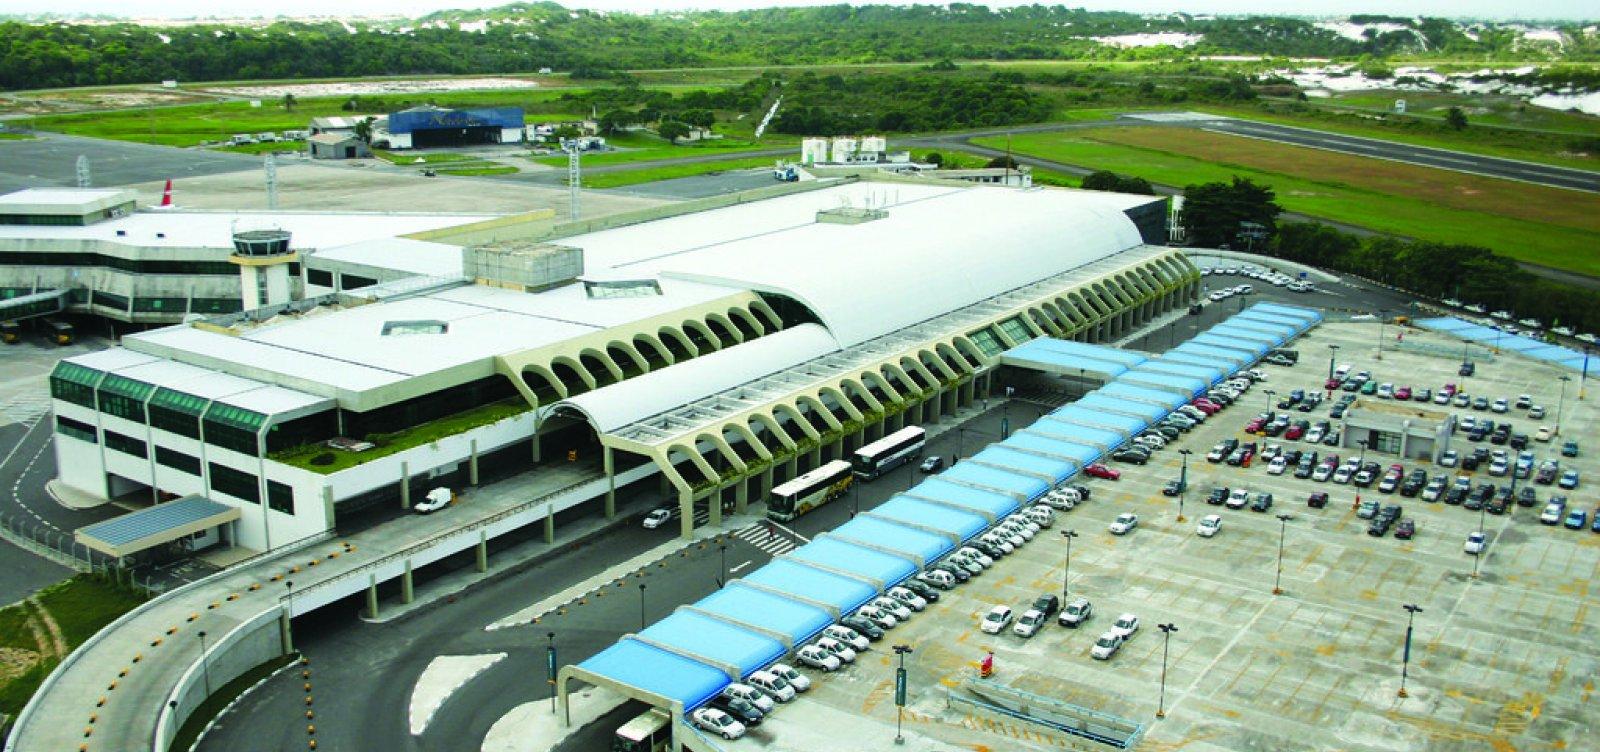 [Serviços na pista principal do aeroporto de Salvador são interrompidos]